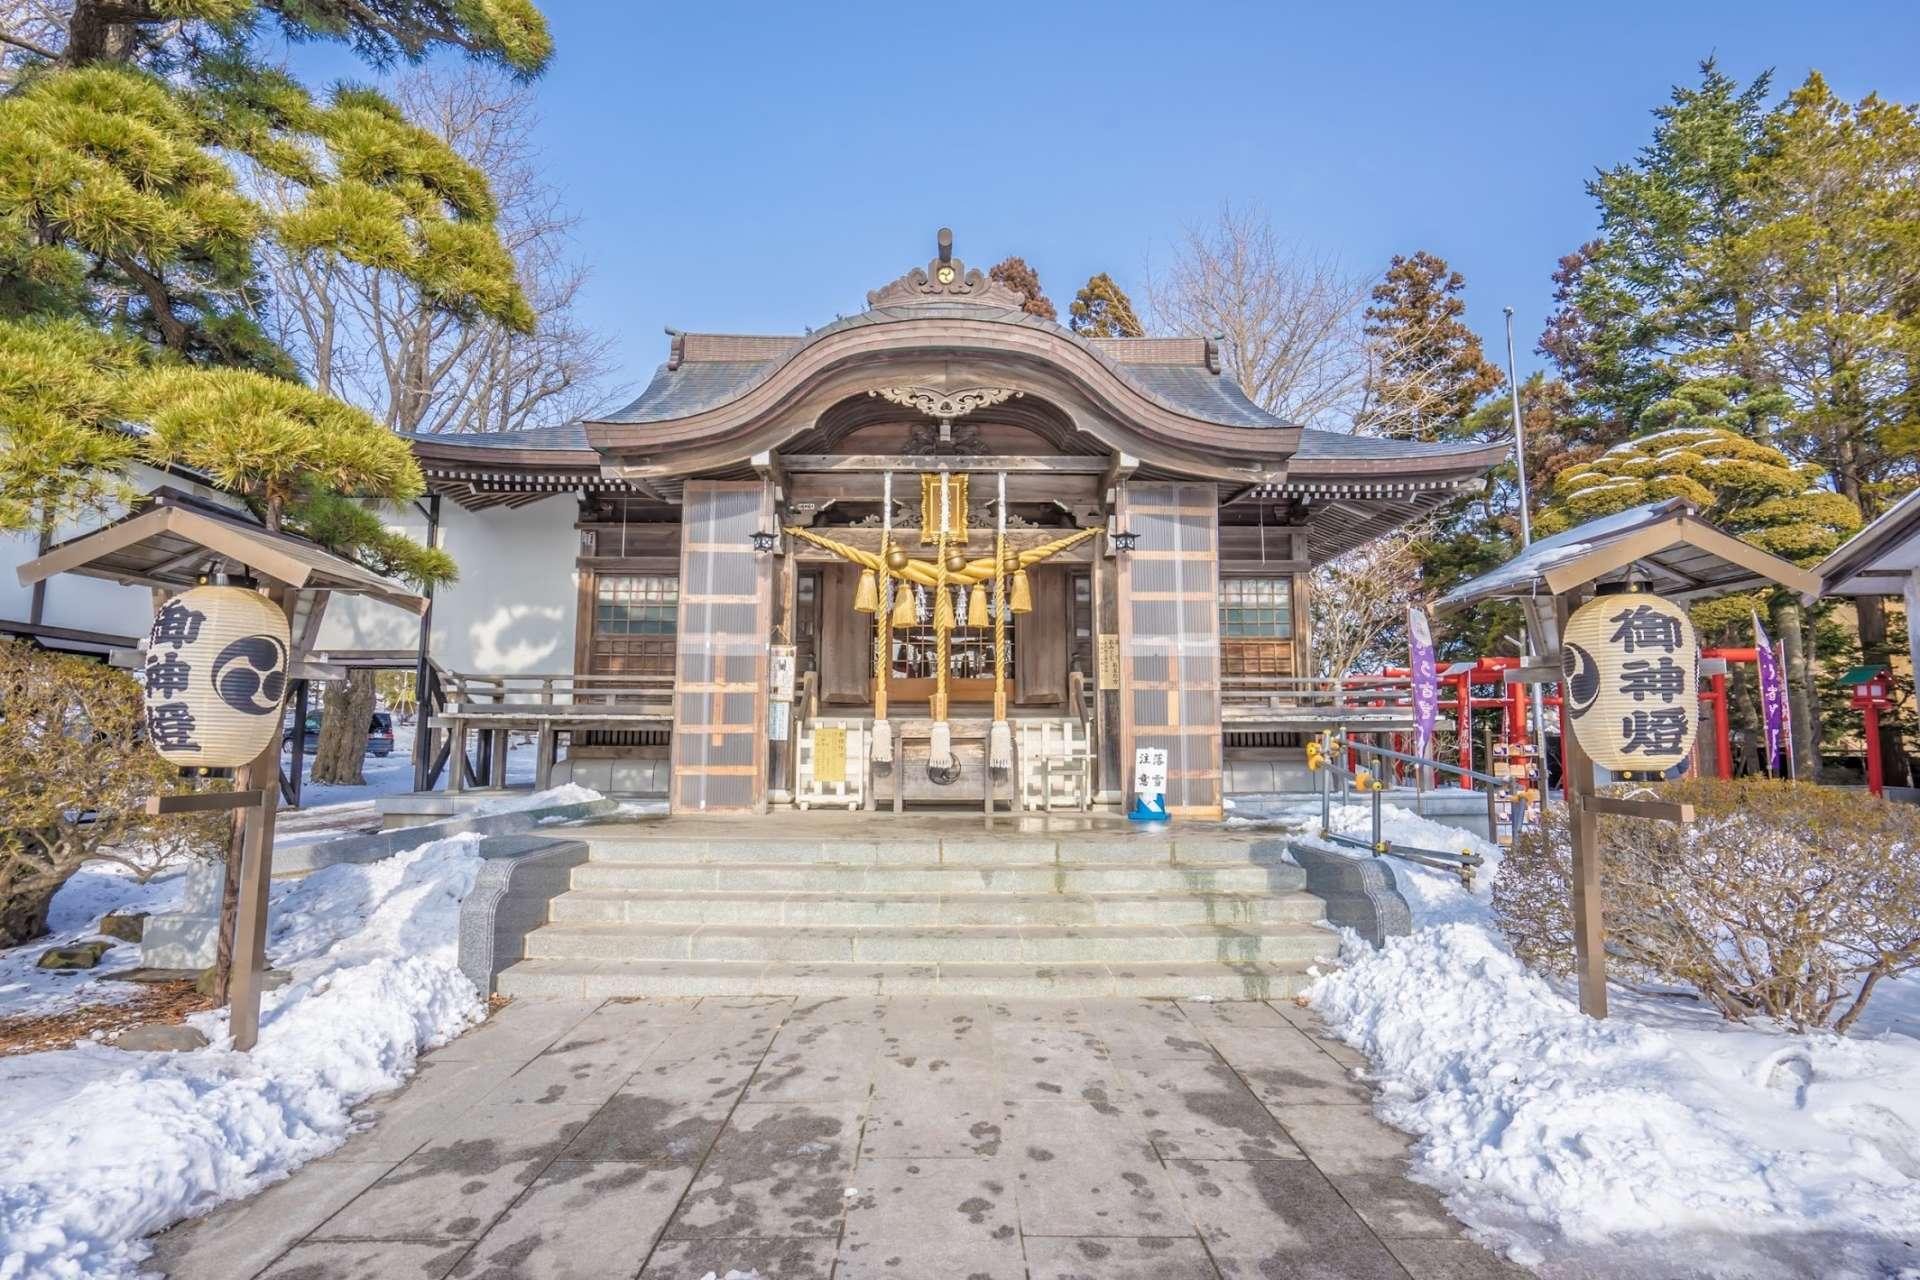 Yugura Shrine